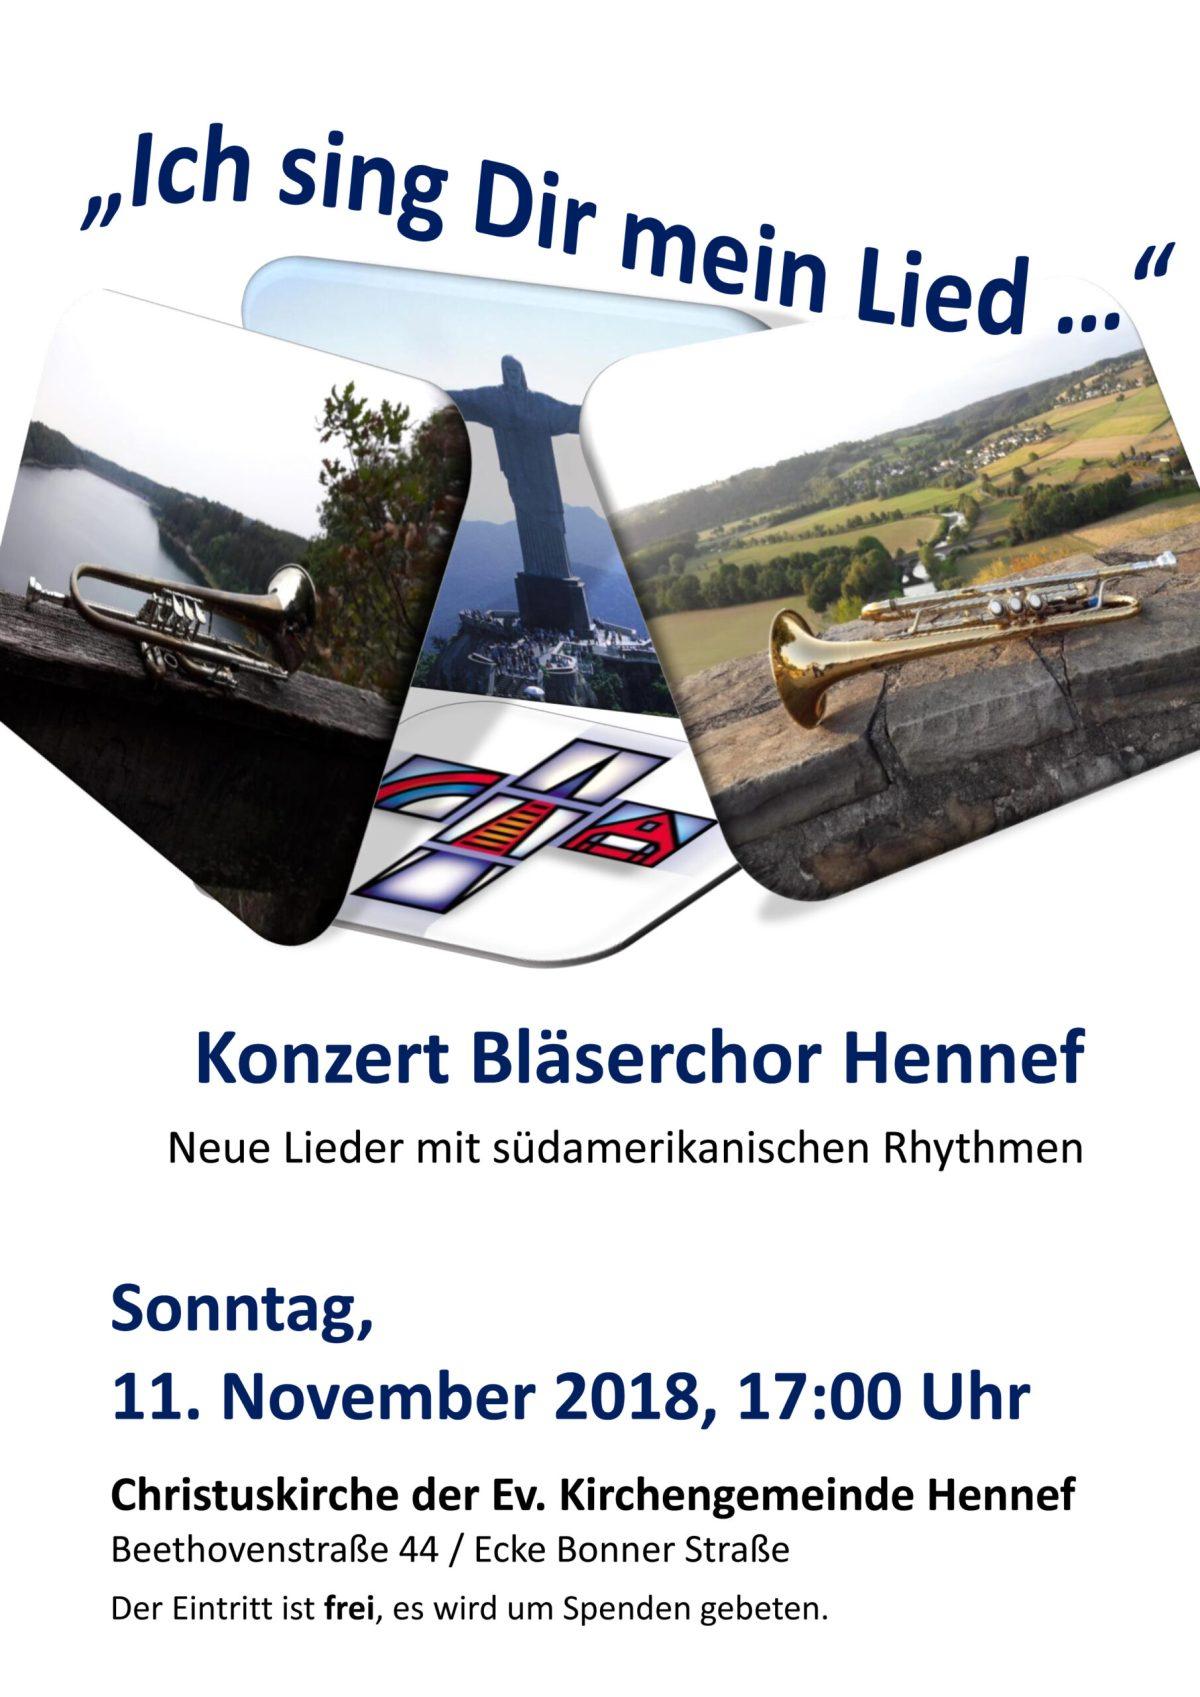 Plakat zur Einladung